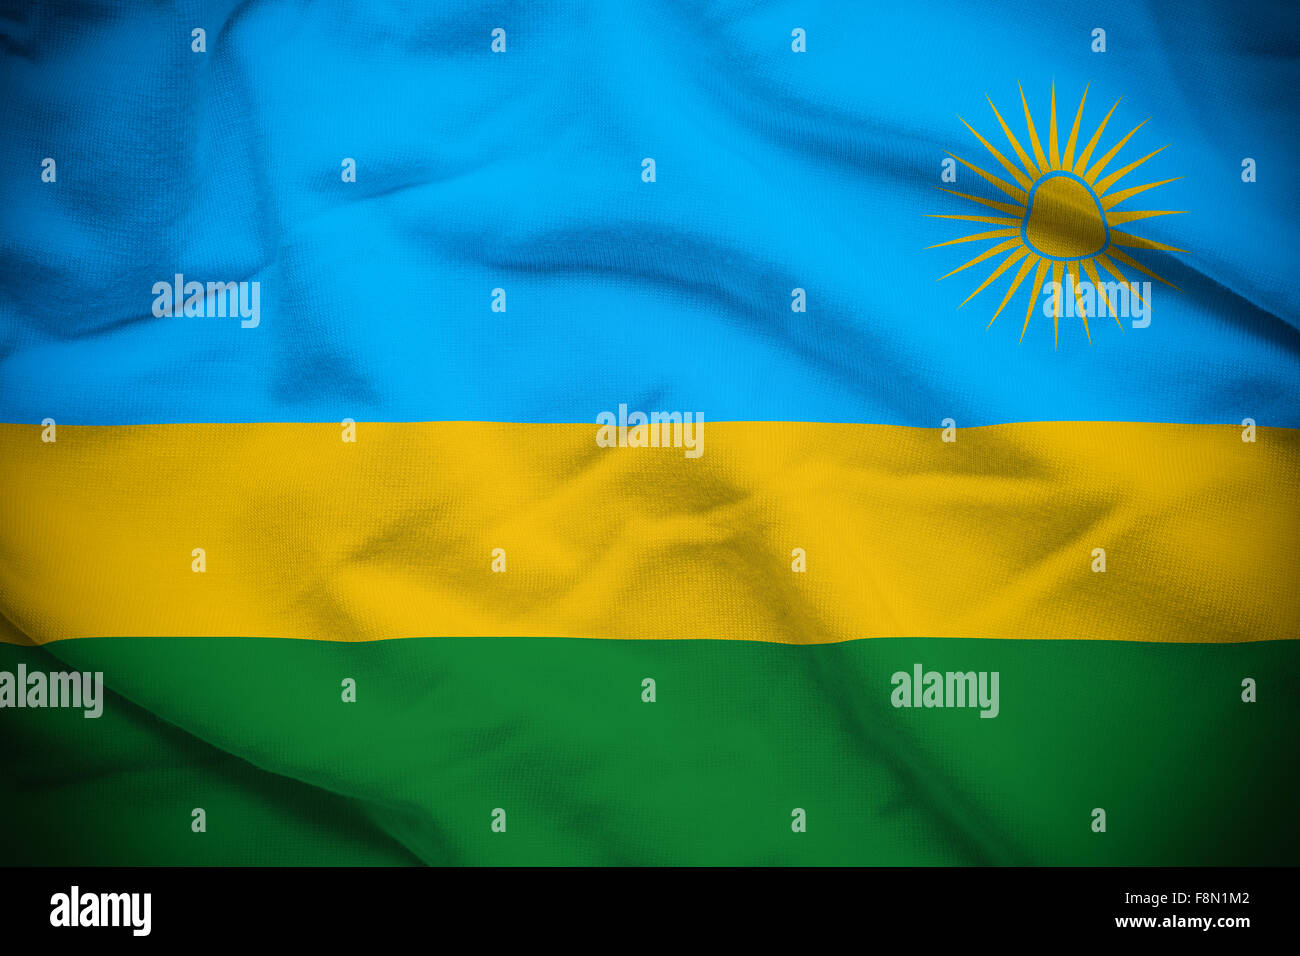 Wavy and rippled national flag of Rwanda background. Stock Photo